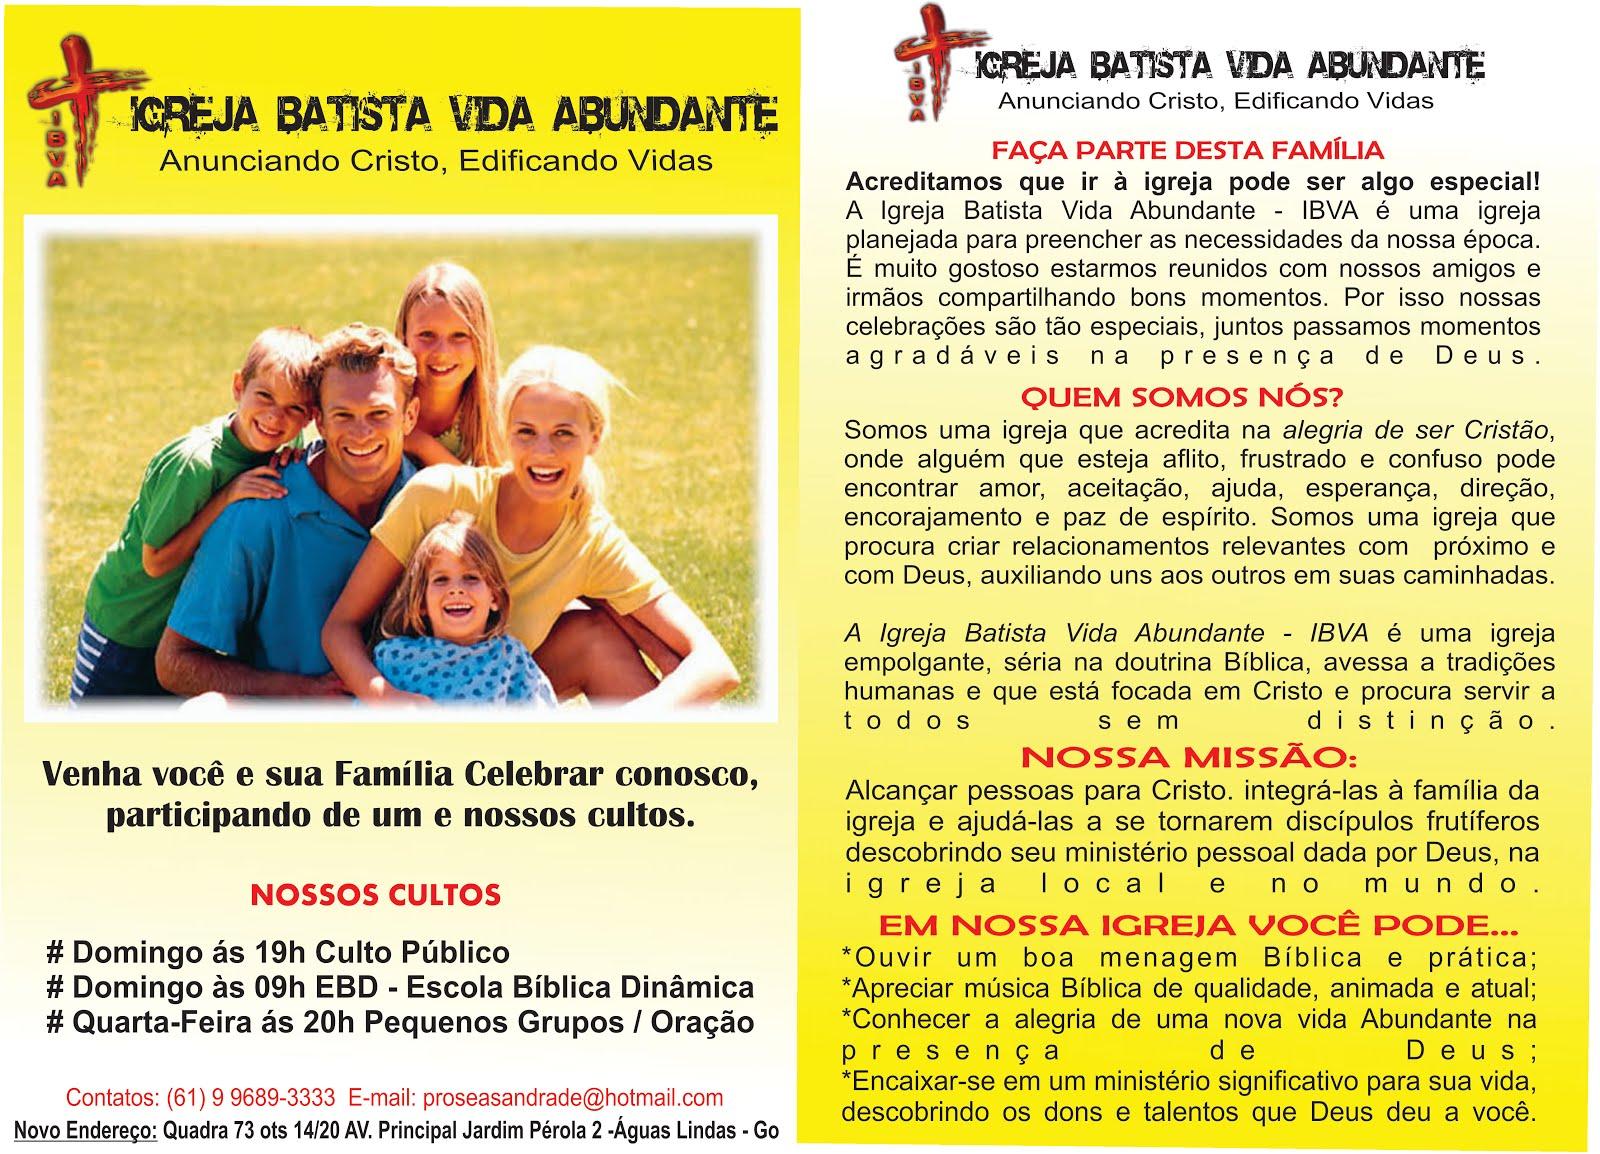 Igreja Batista Vida Abundante - IBVA